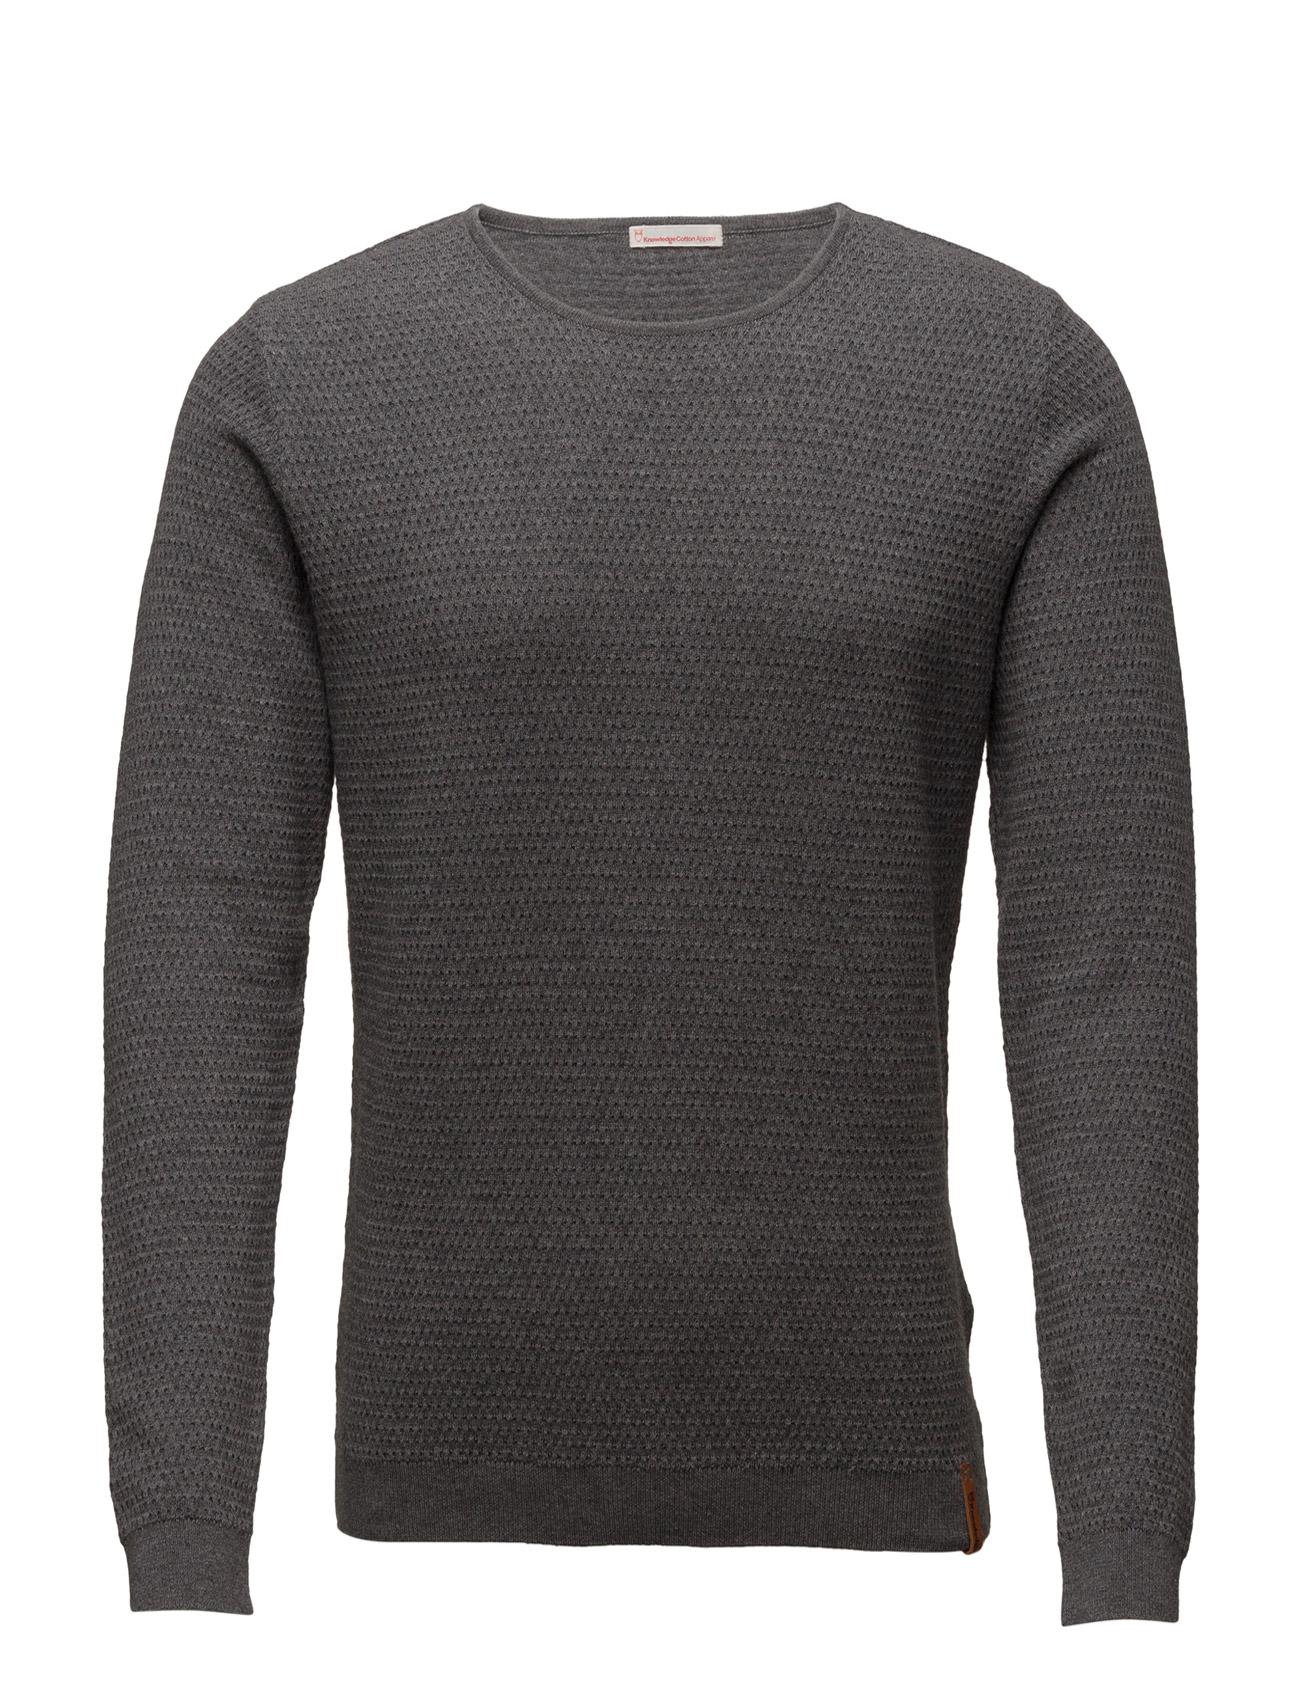 Waffel Knit Structure - Gots Knowledge Cotton Apparel Rundhalsede til Mænd i Mørk grå